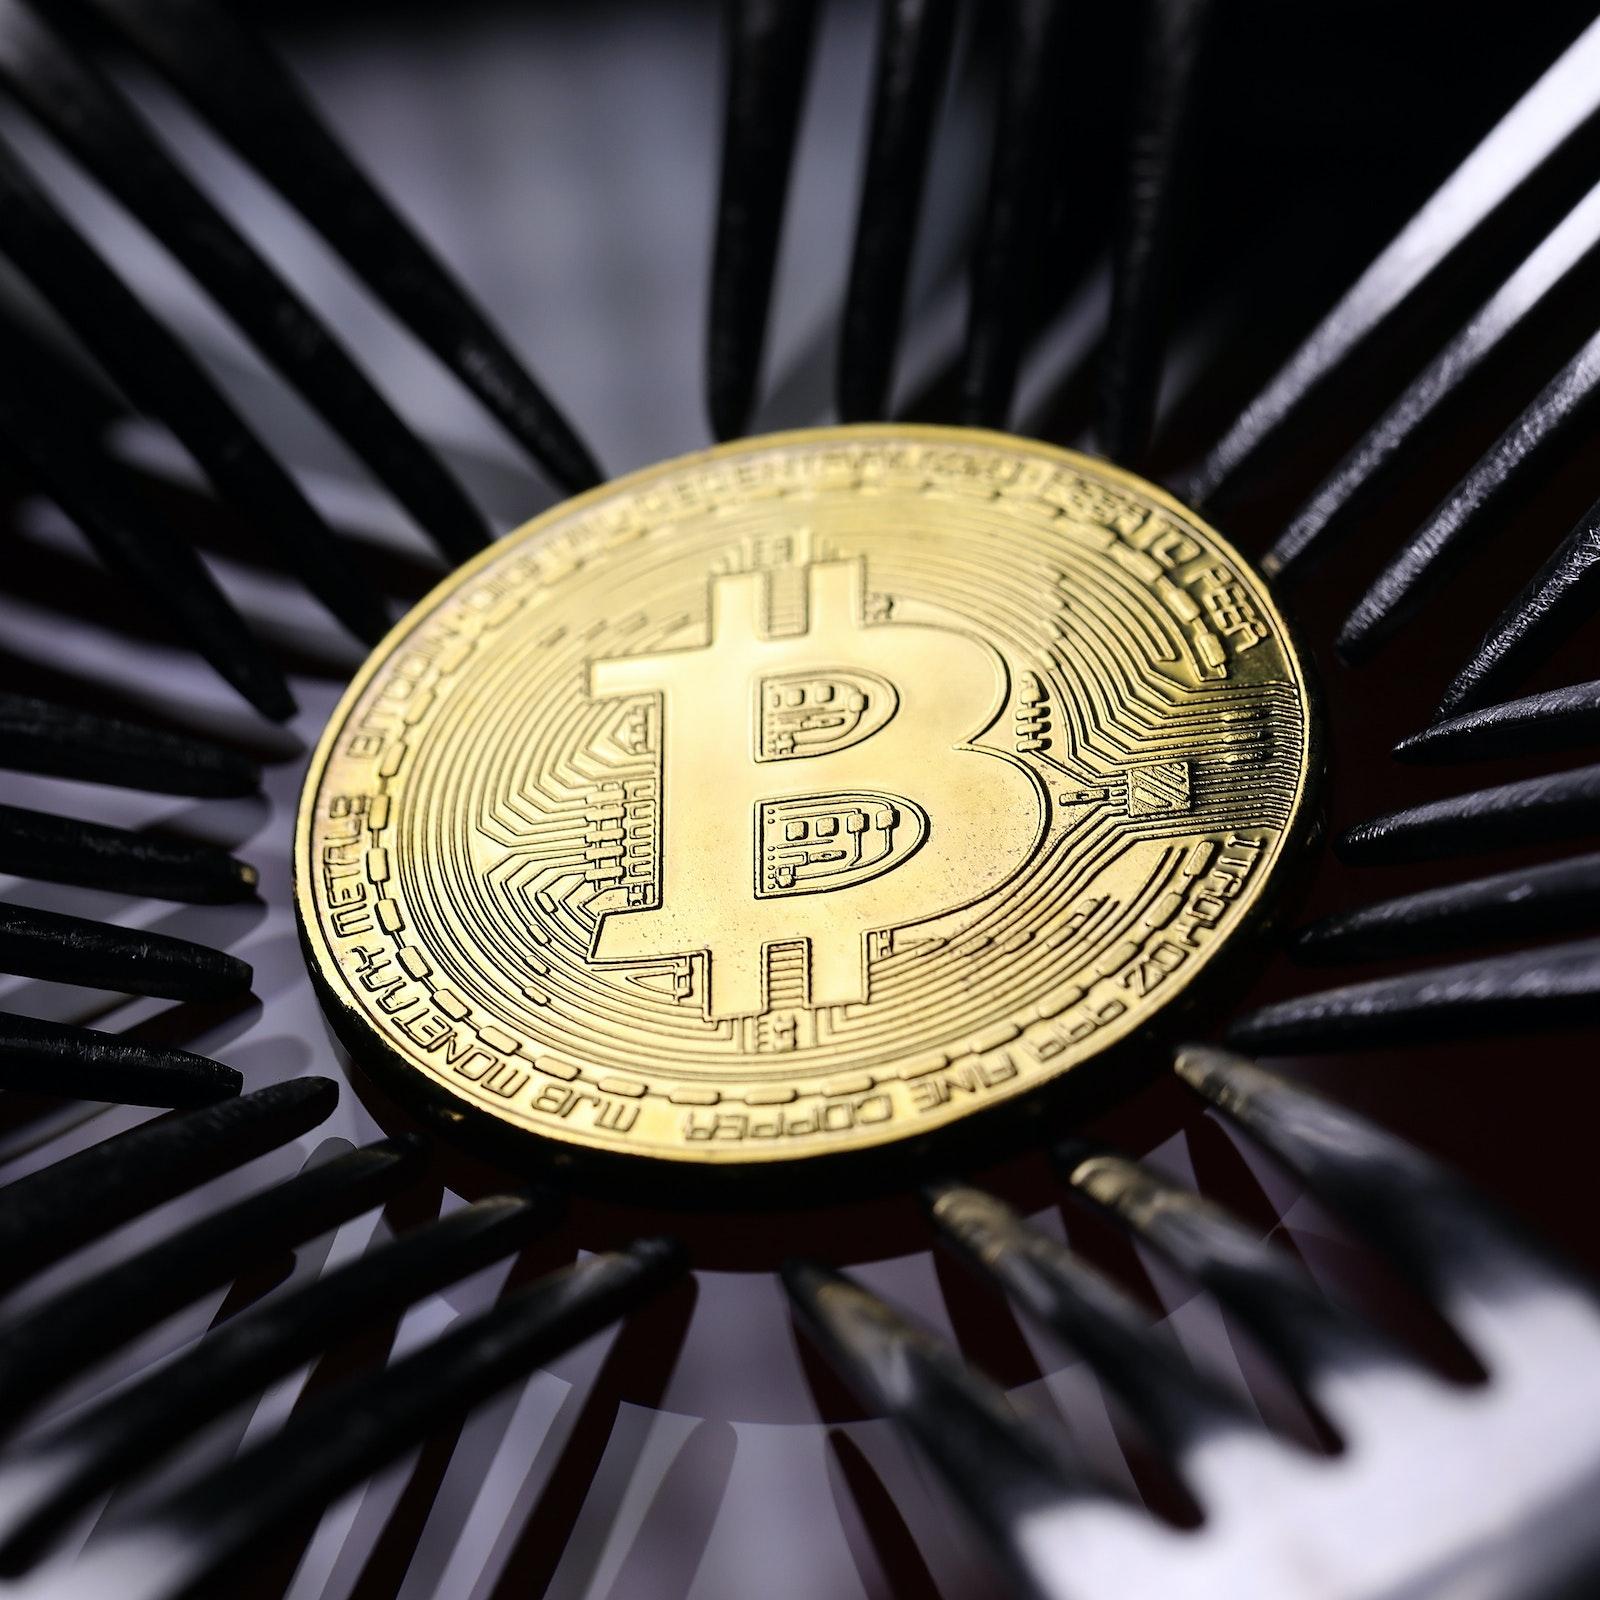 bitcoin cash jaxx claim